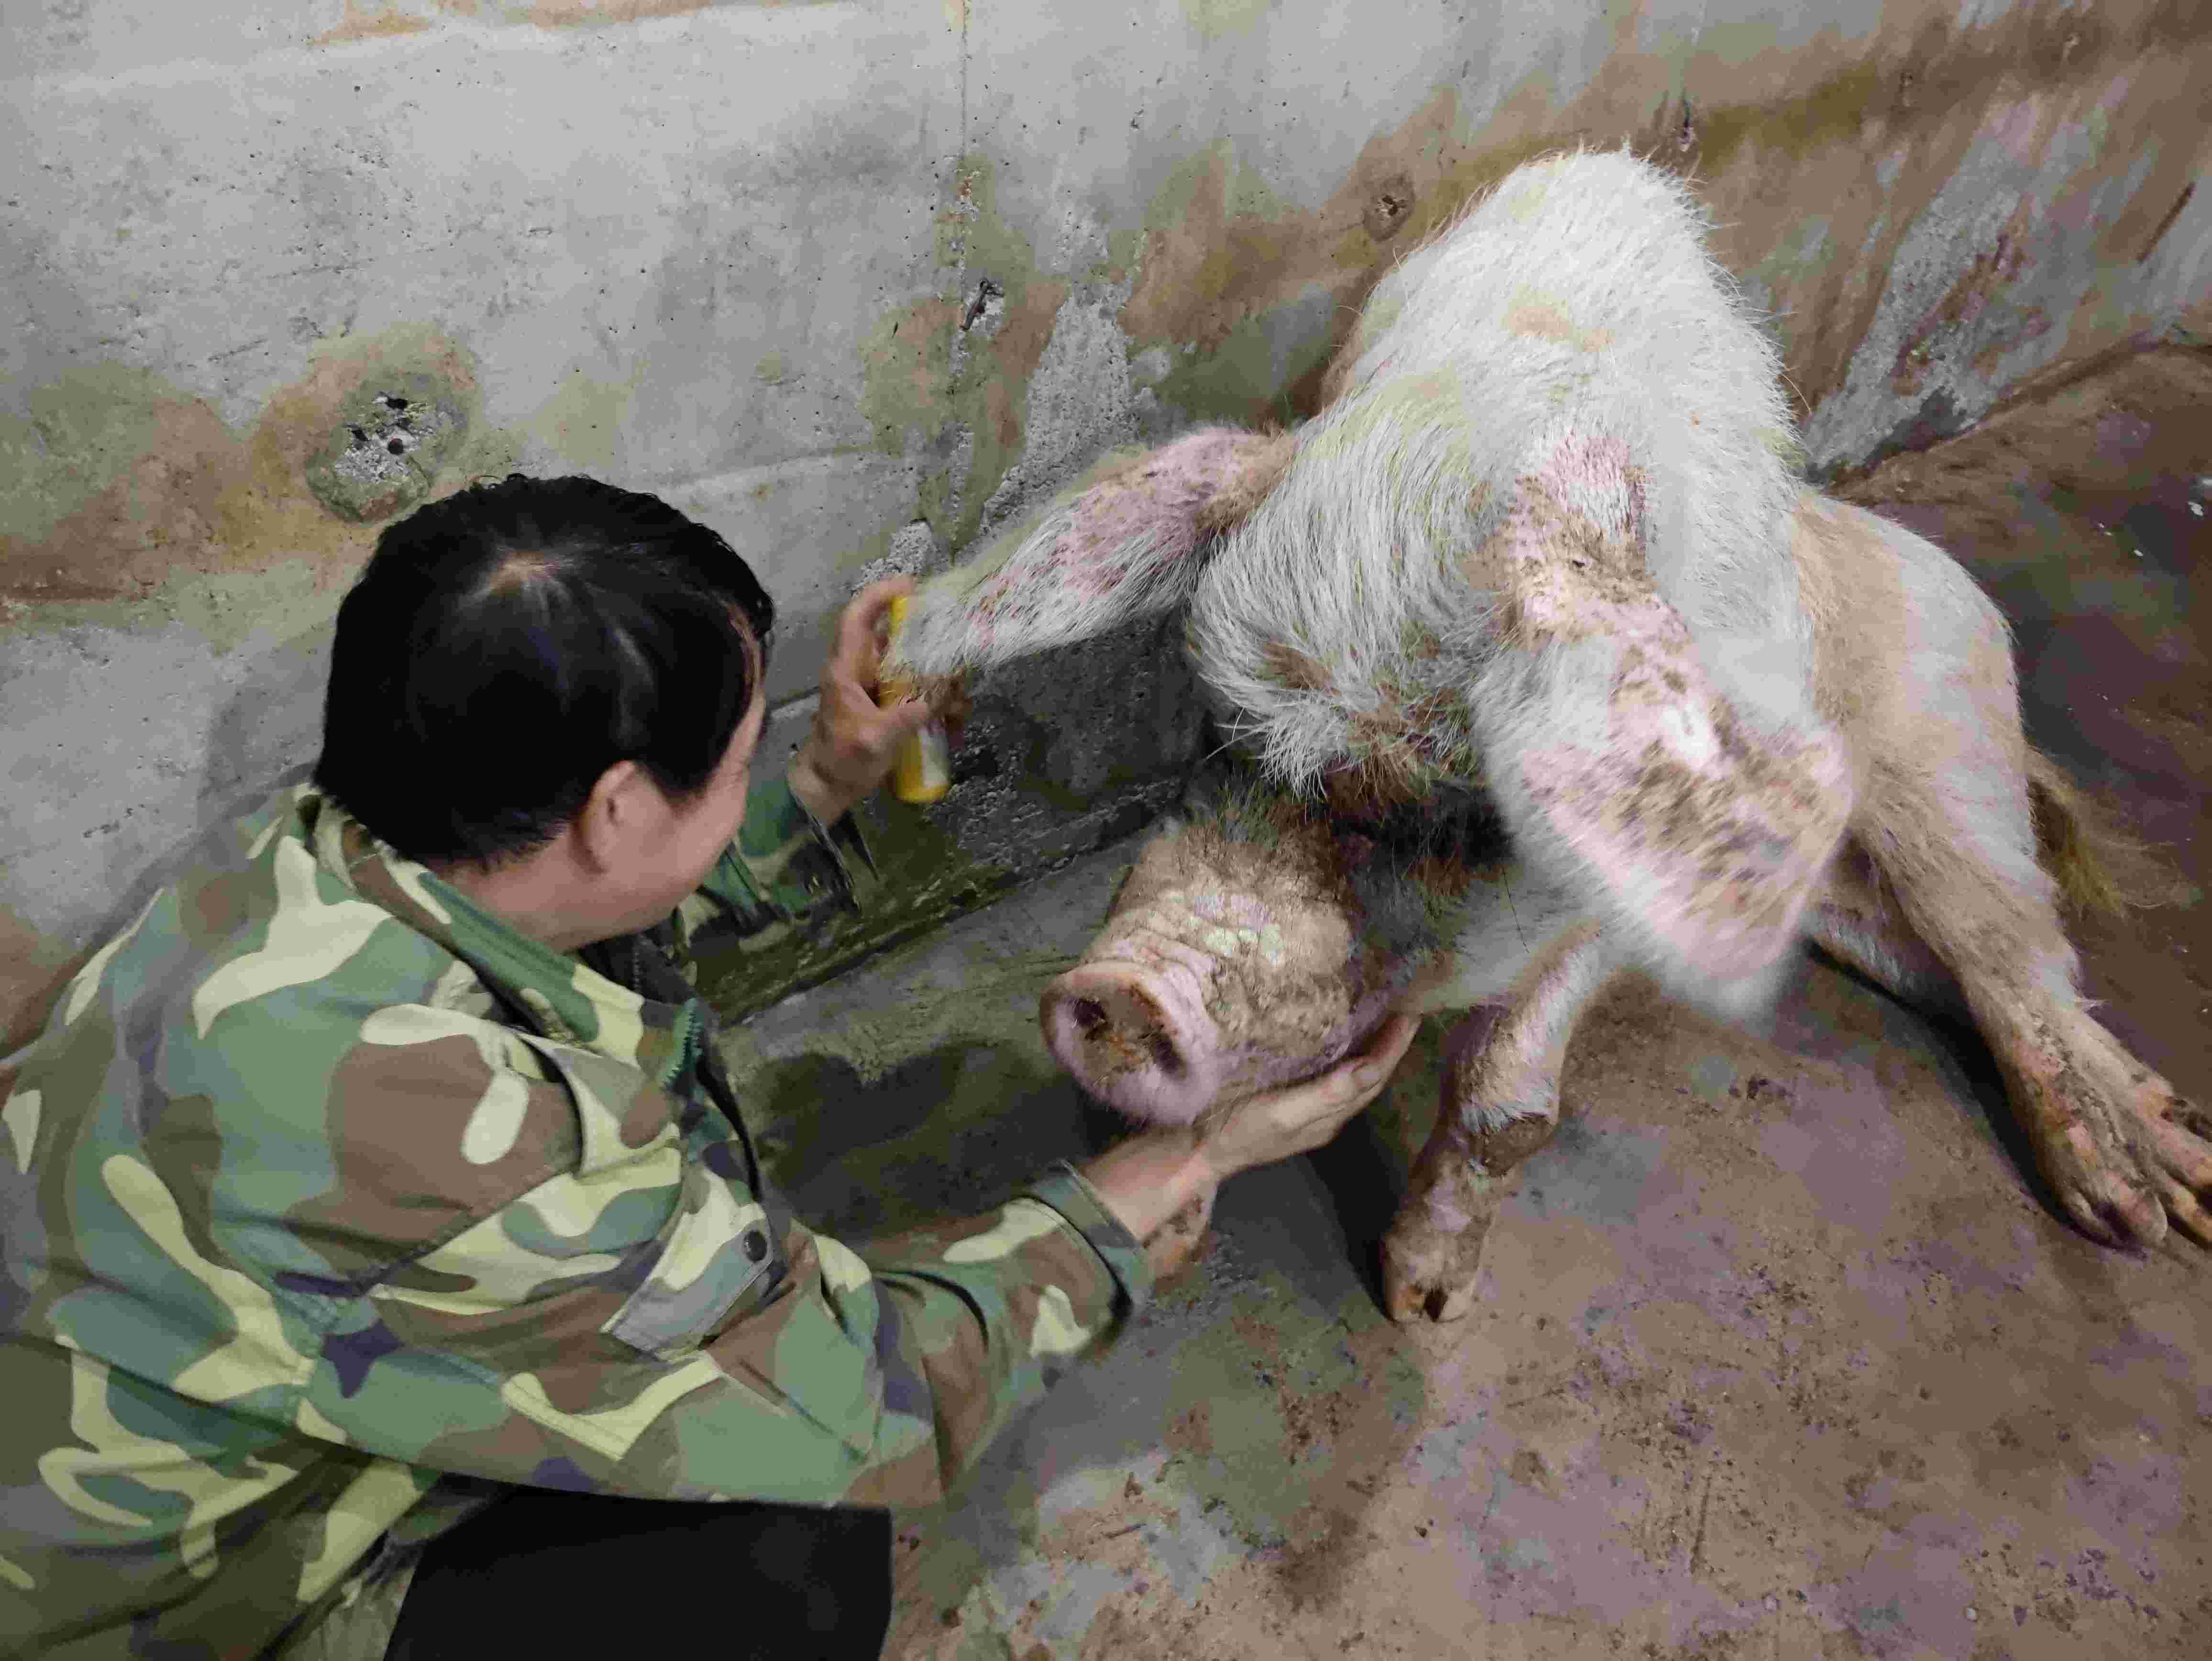 猪坚强去世,原主人:有不舍,但看到它自然死亡的心愿已实现